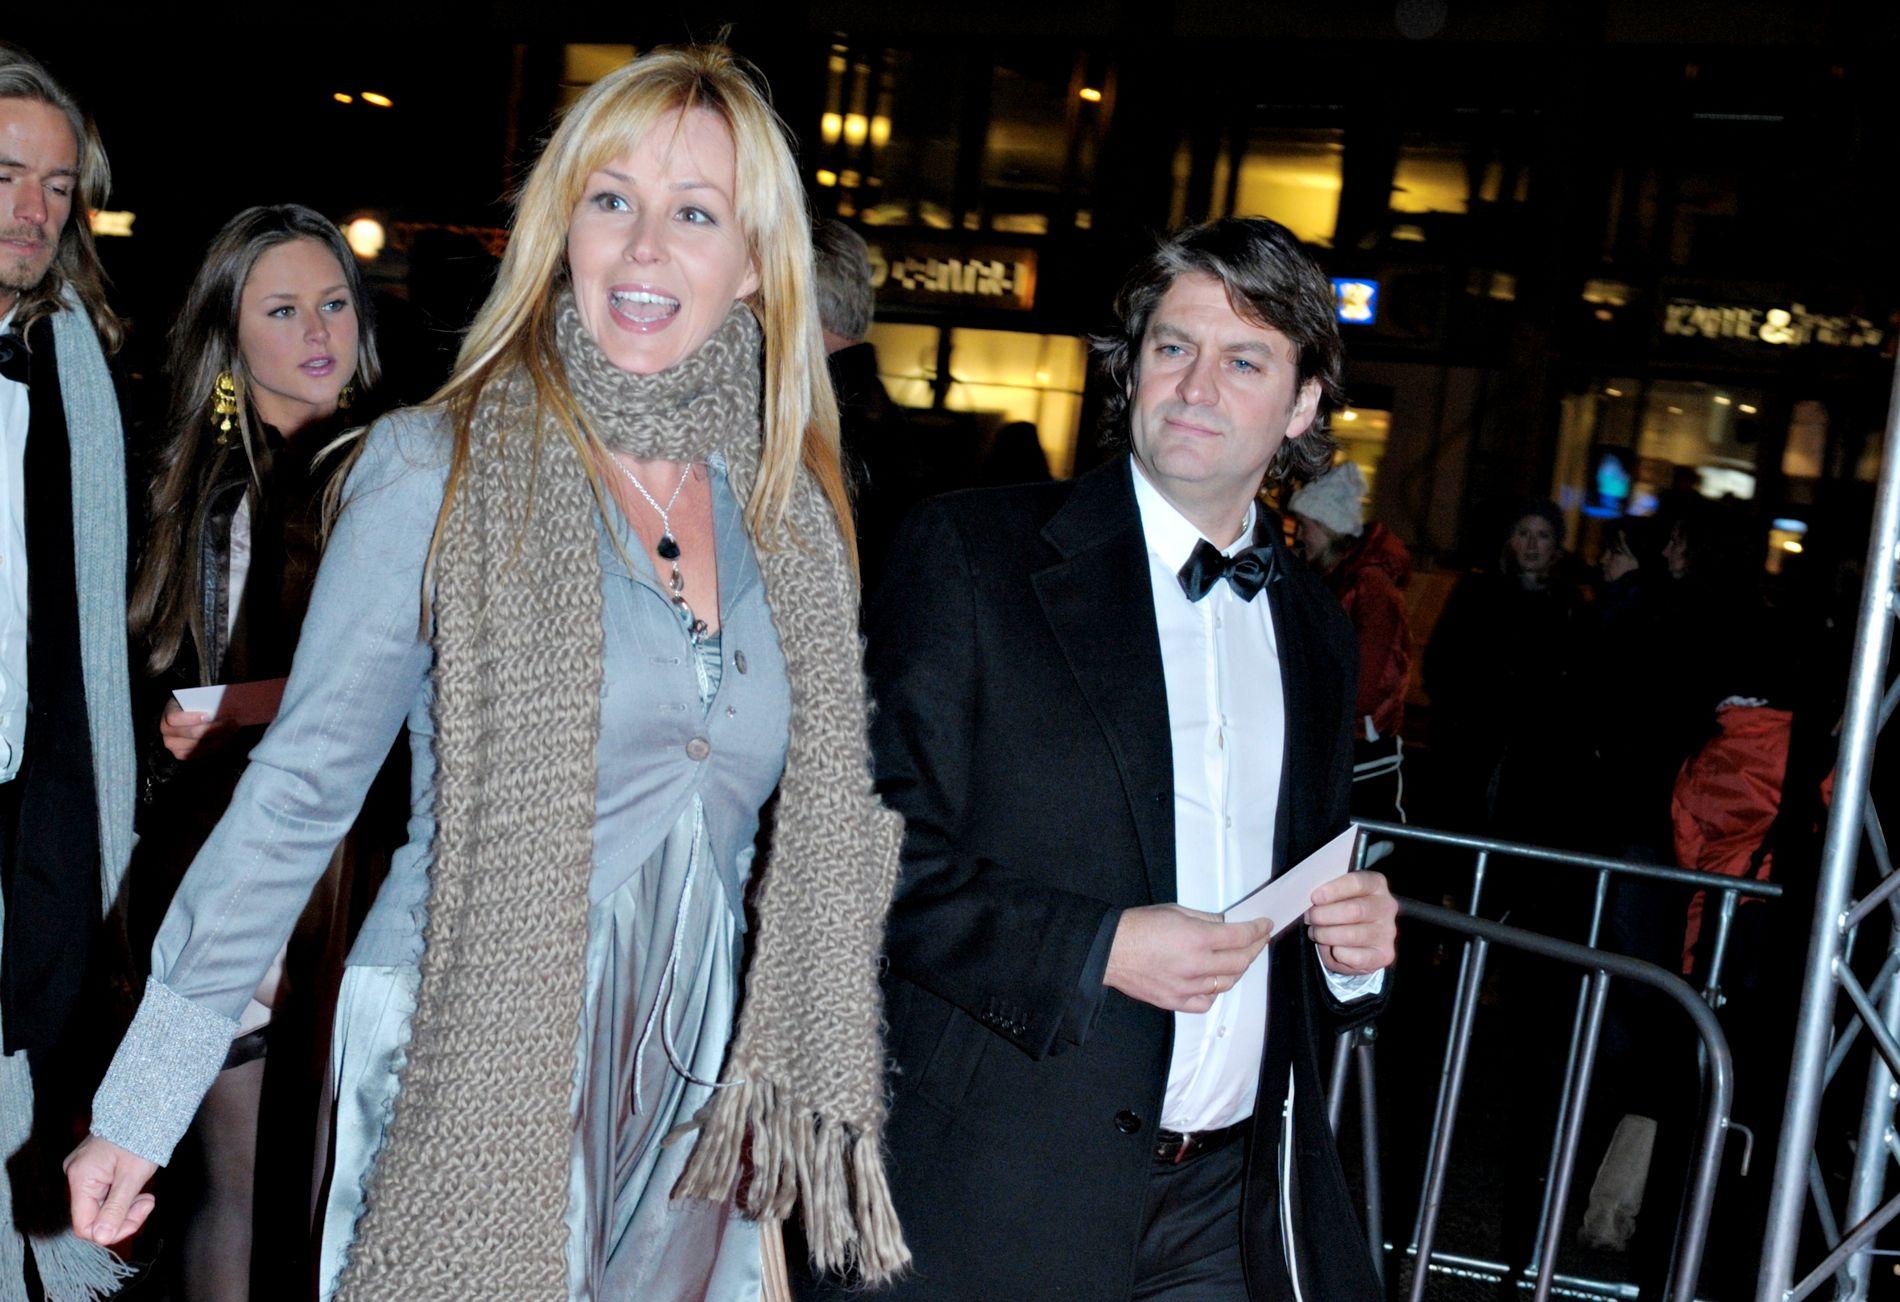 LANGT EKTESKAP: Dorthe Skappel og ektemannen Jon ble kjærester da de var 15 år gamle, og har vært gift i drøye 33 år. Paret viser seg sjelden sammen offentlig, og dette bildet ble tatt så langt tilbake som i 2008 – da de dukker opp på førpremieren av James Bond-filmen «Quantum of Solace».